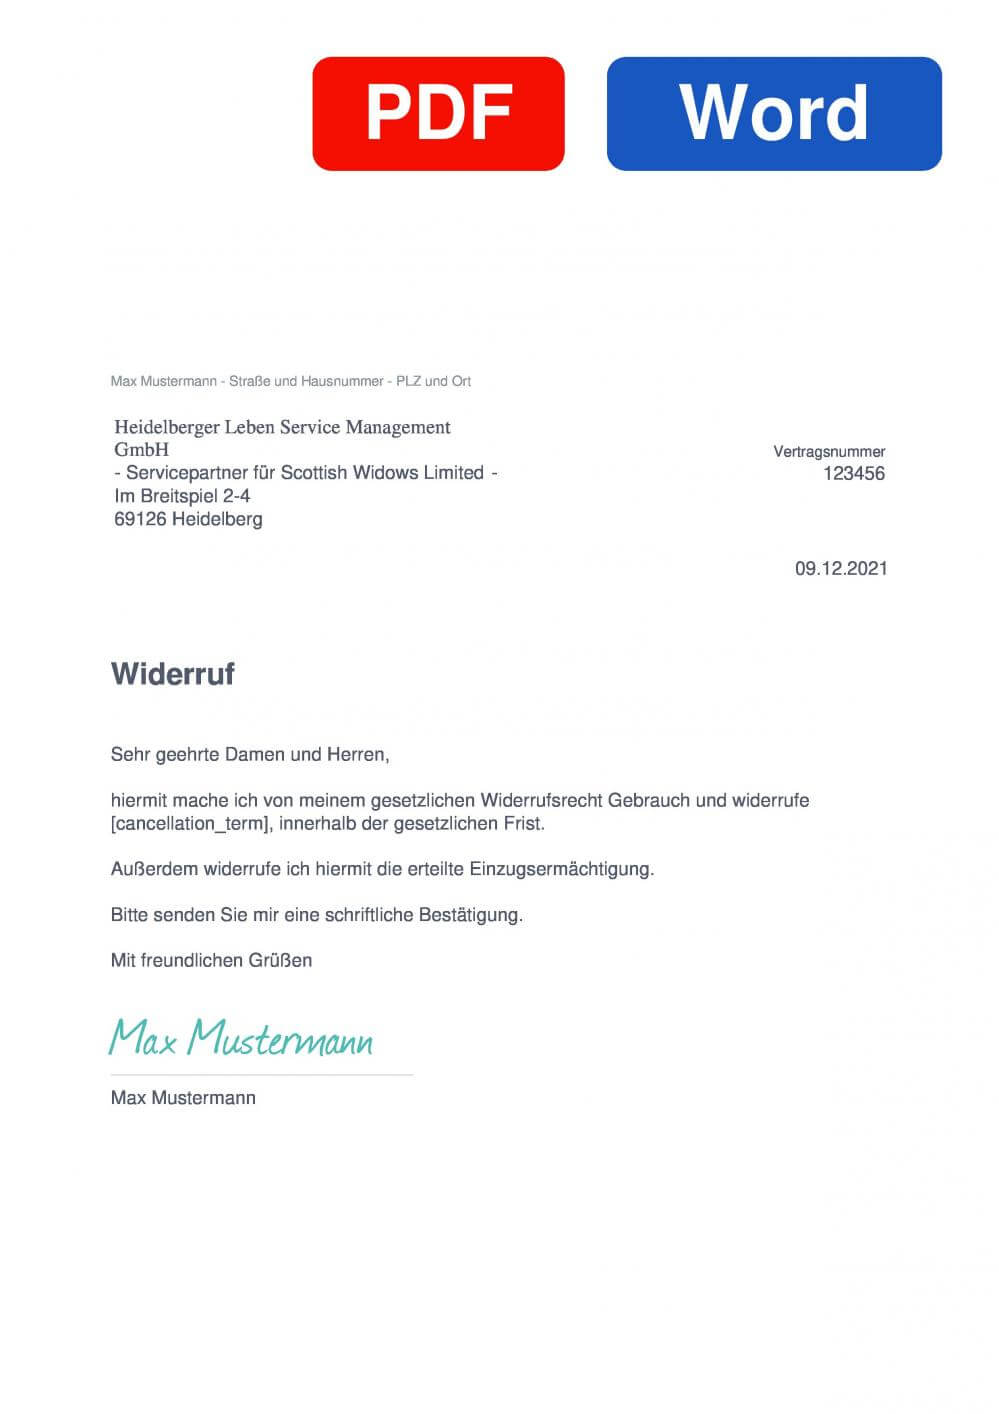 Clerical Medical Muster Vorlage für Wiederrufsschreiben